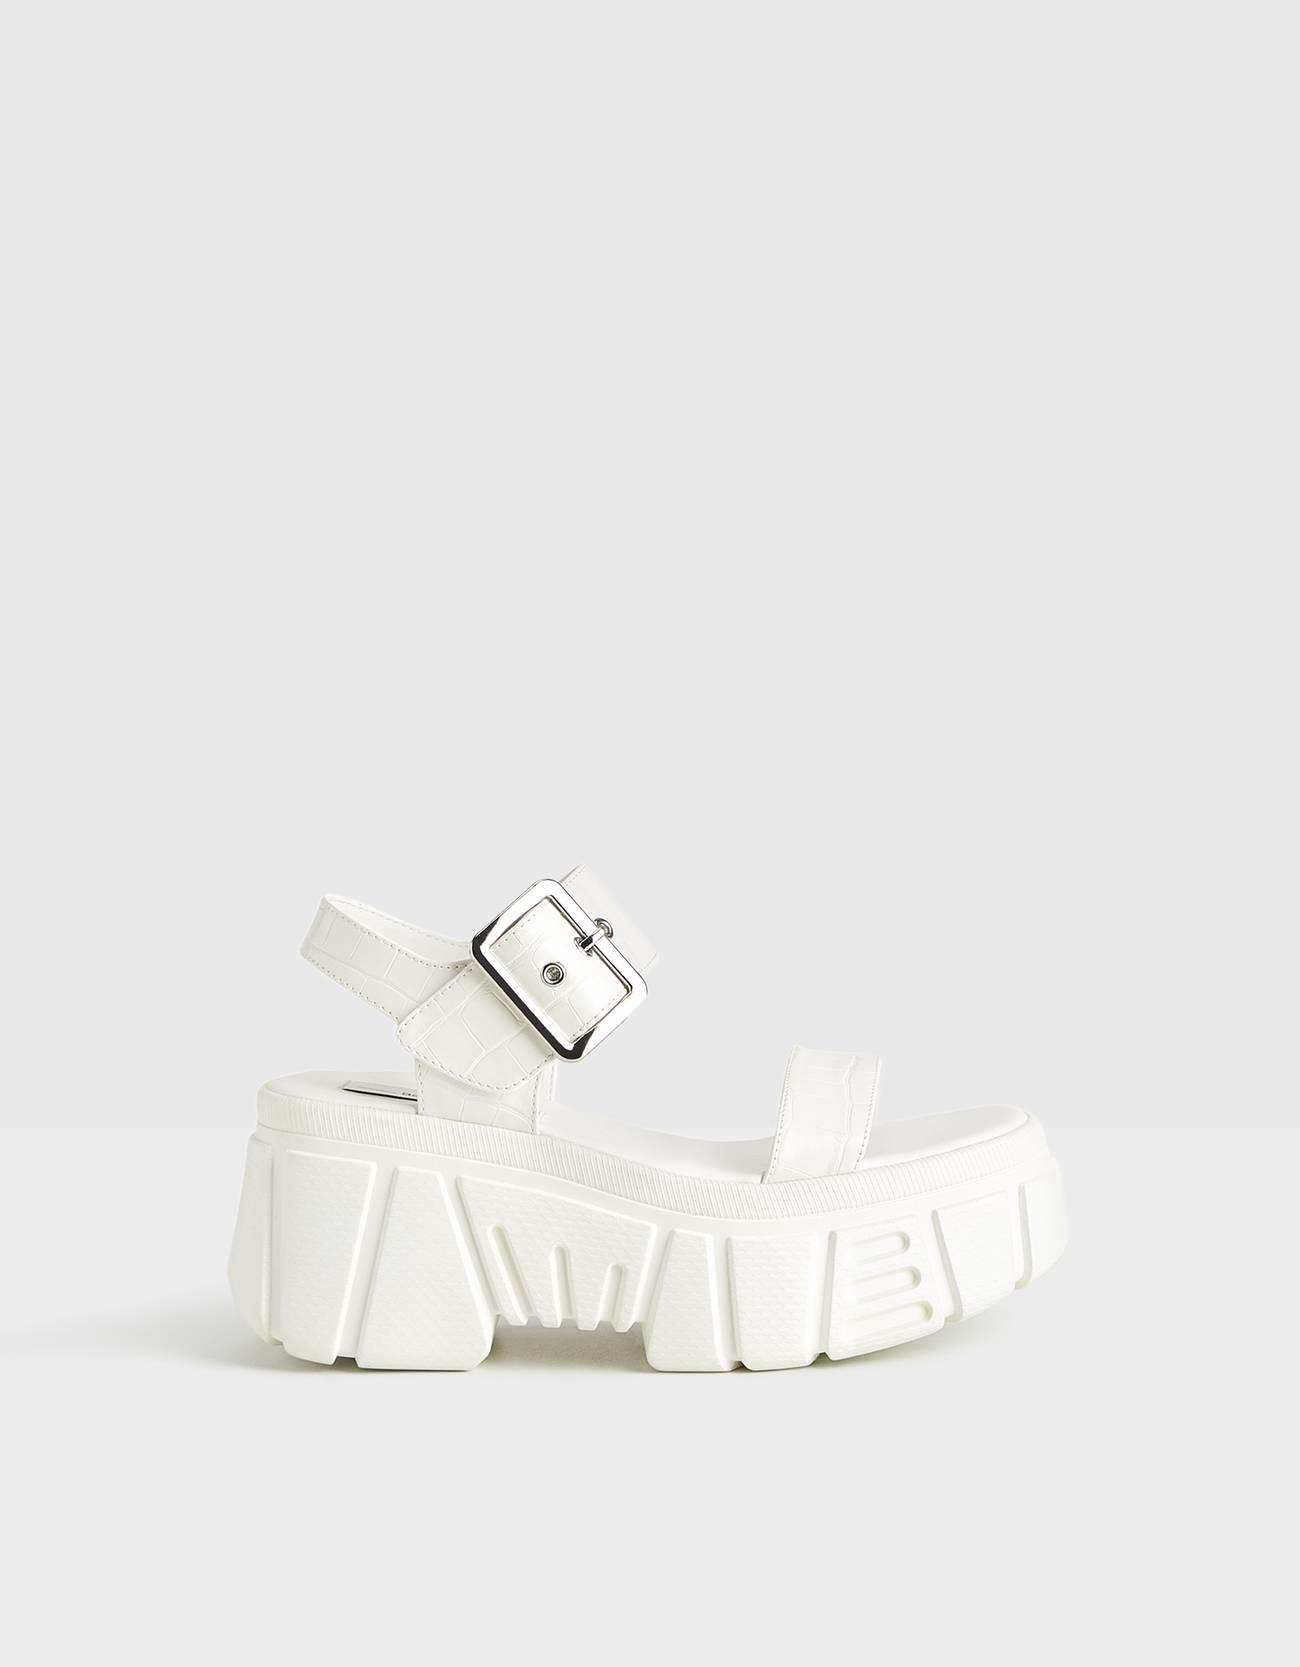 Sandalia en color blanco. Suela con volumen. Cierre mediante tira con hebilla.